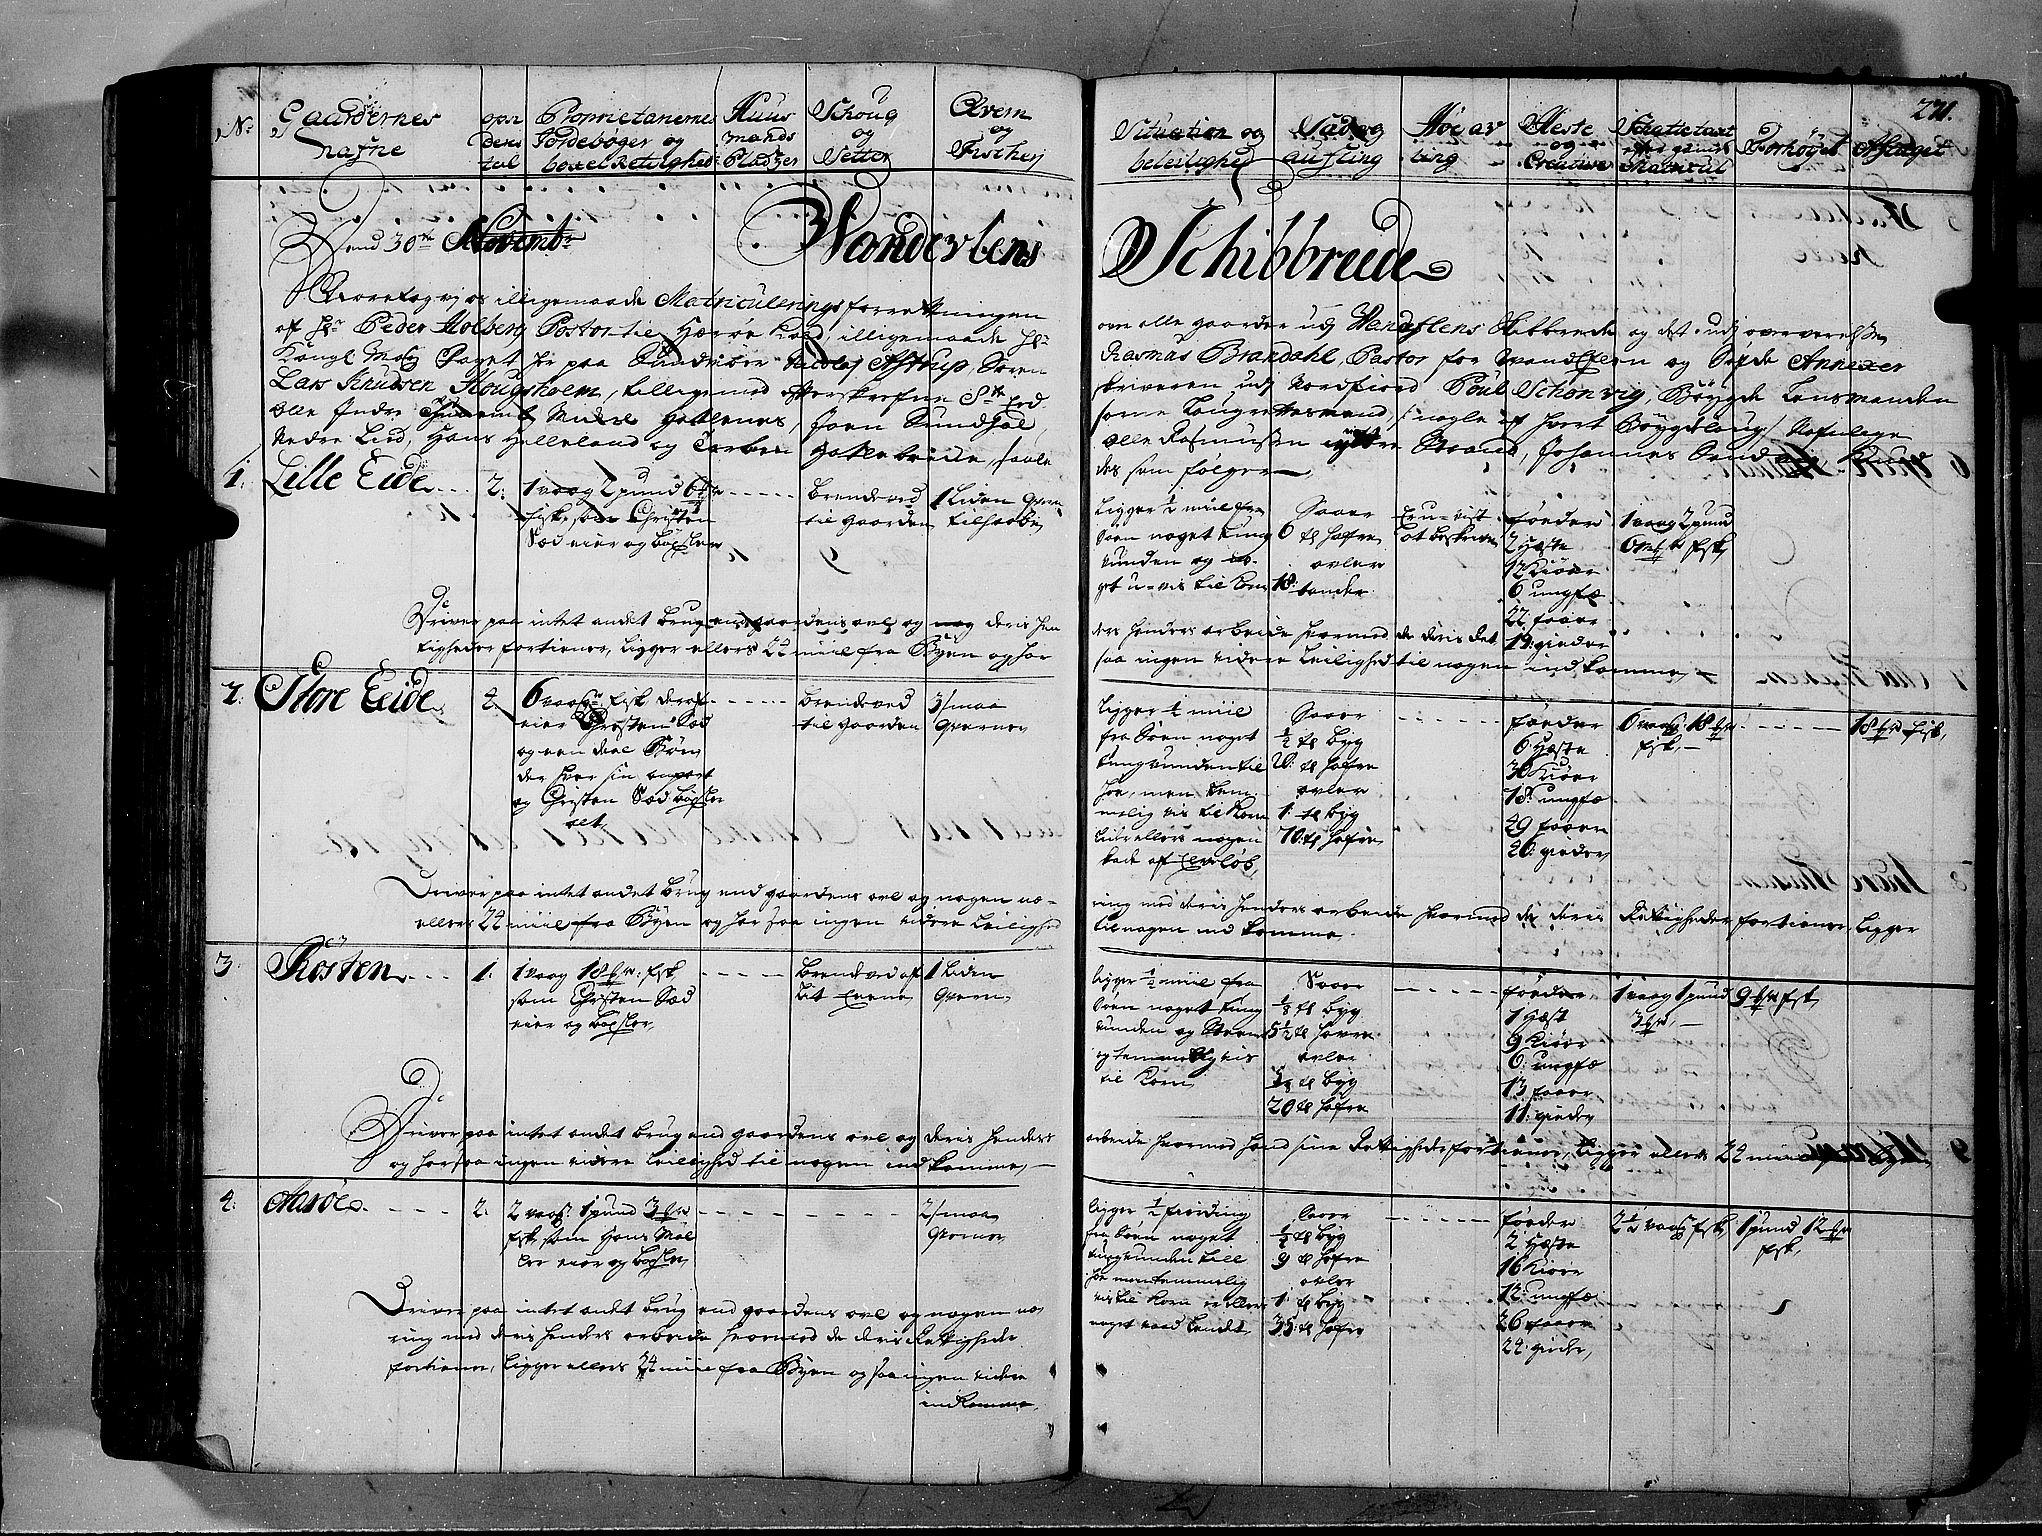 RA, Rentekammeret inntil 1814, Realistisk ordnet avdeling, N/Nb/Nbf/L0150: Sunnmøre eksaminasjonsprotokoll, 1724, s. 270b-271a